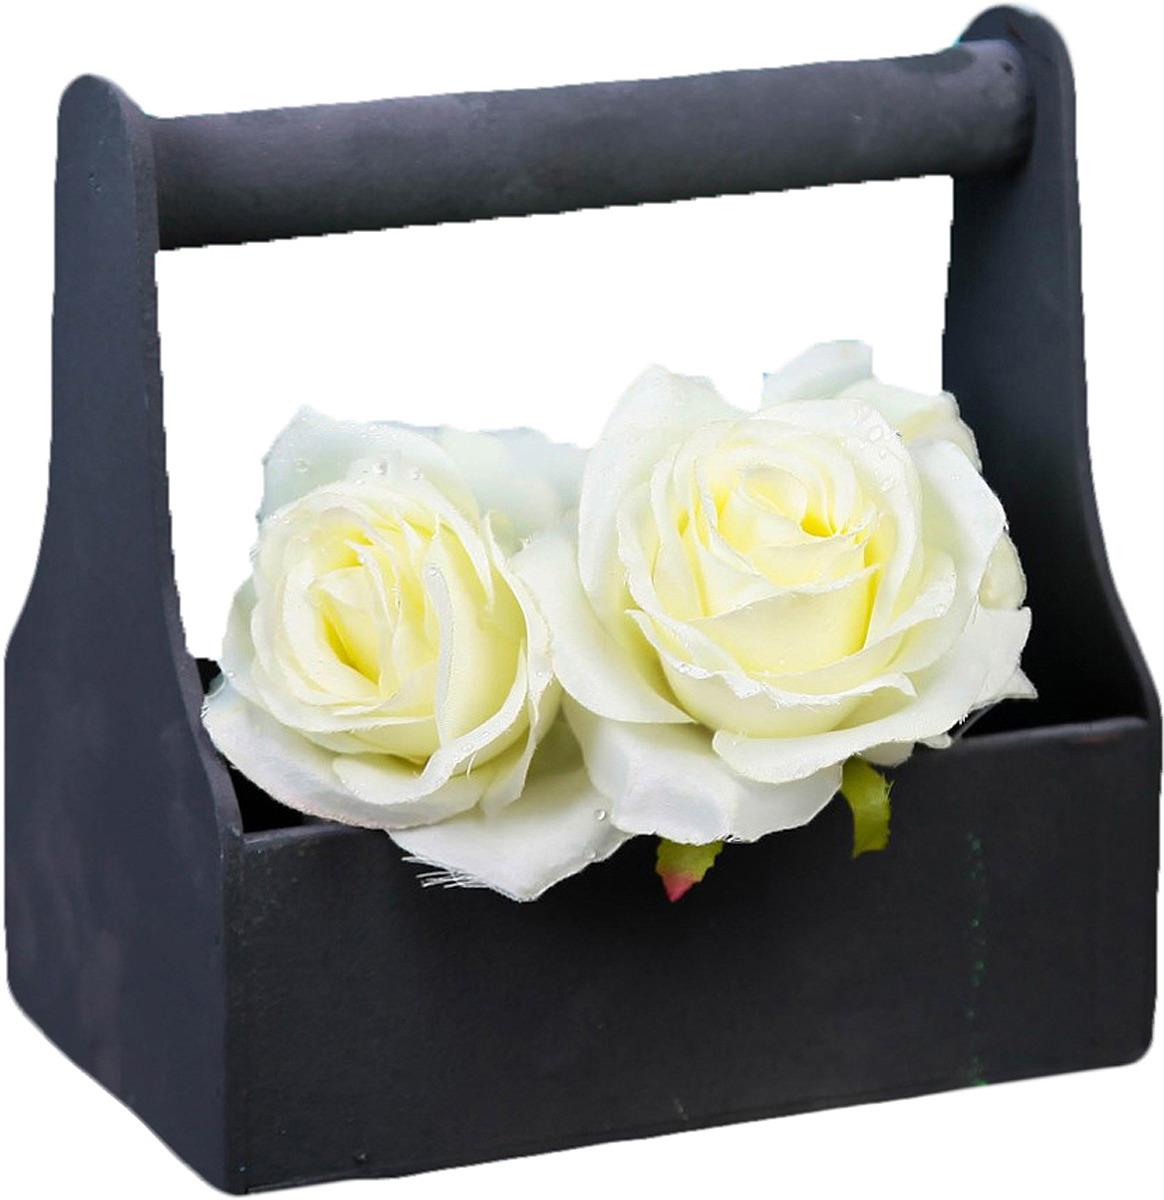 Кашпо флористическое ТД ДМ, с ручкой, 3392611, черный, 12,5 х 20 х 20 см кашпо тд дм ящик любовь флористическое 20 х 16 х 9 5 см